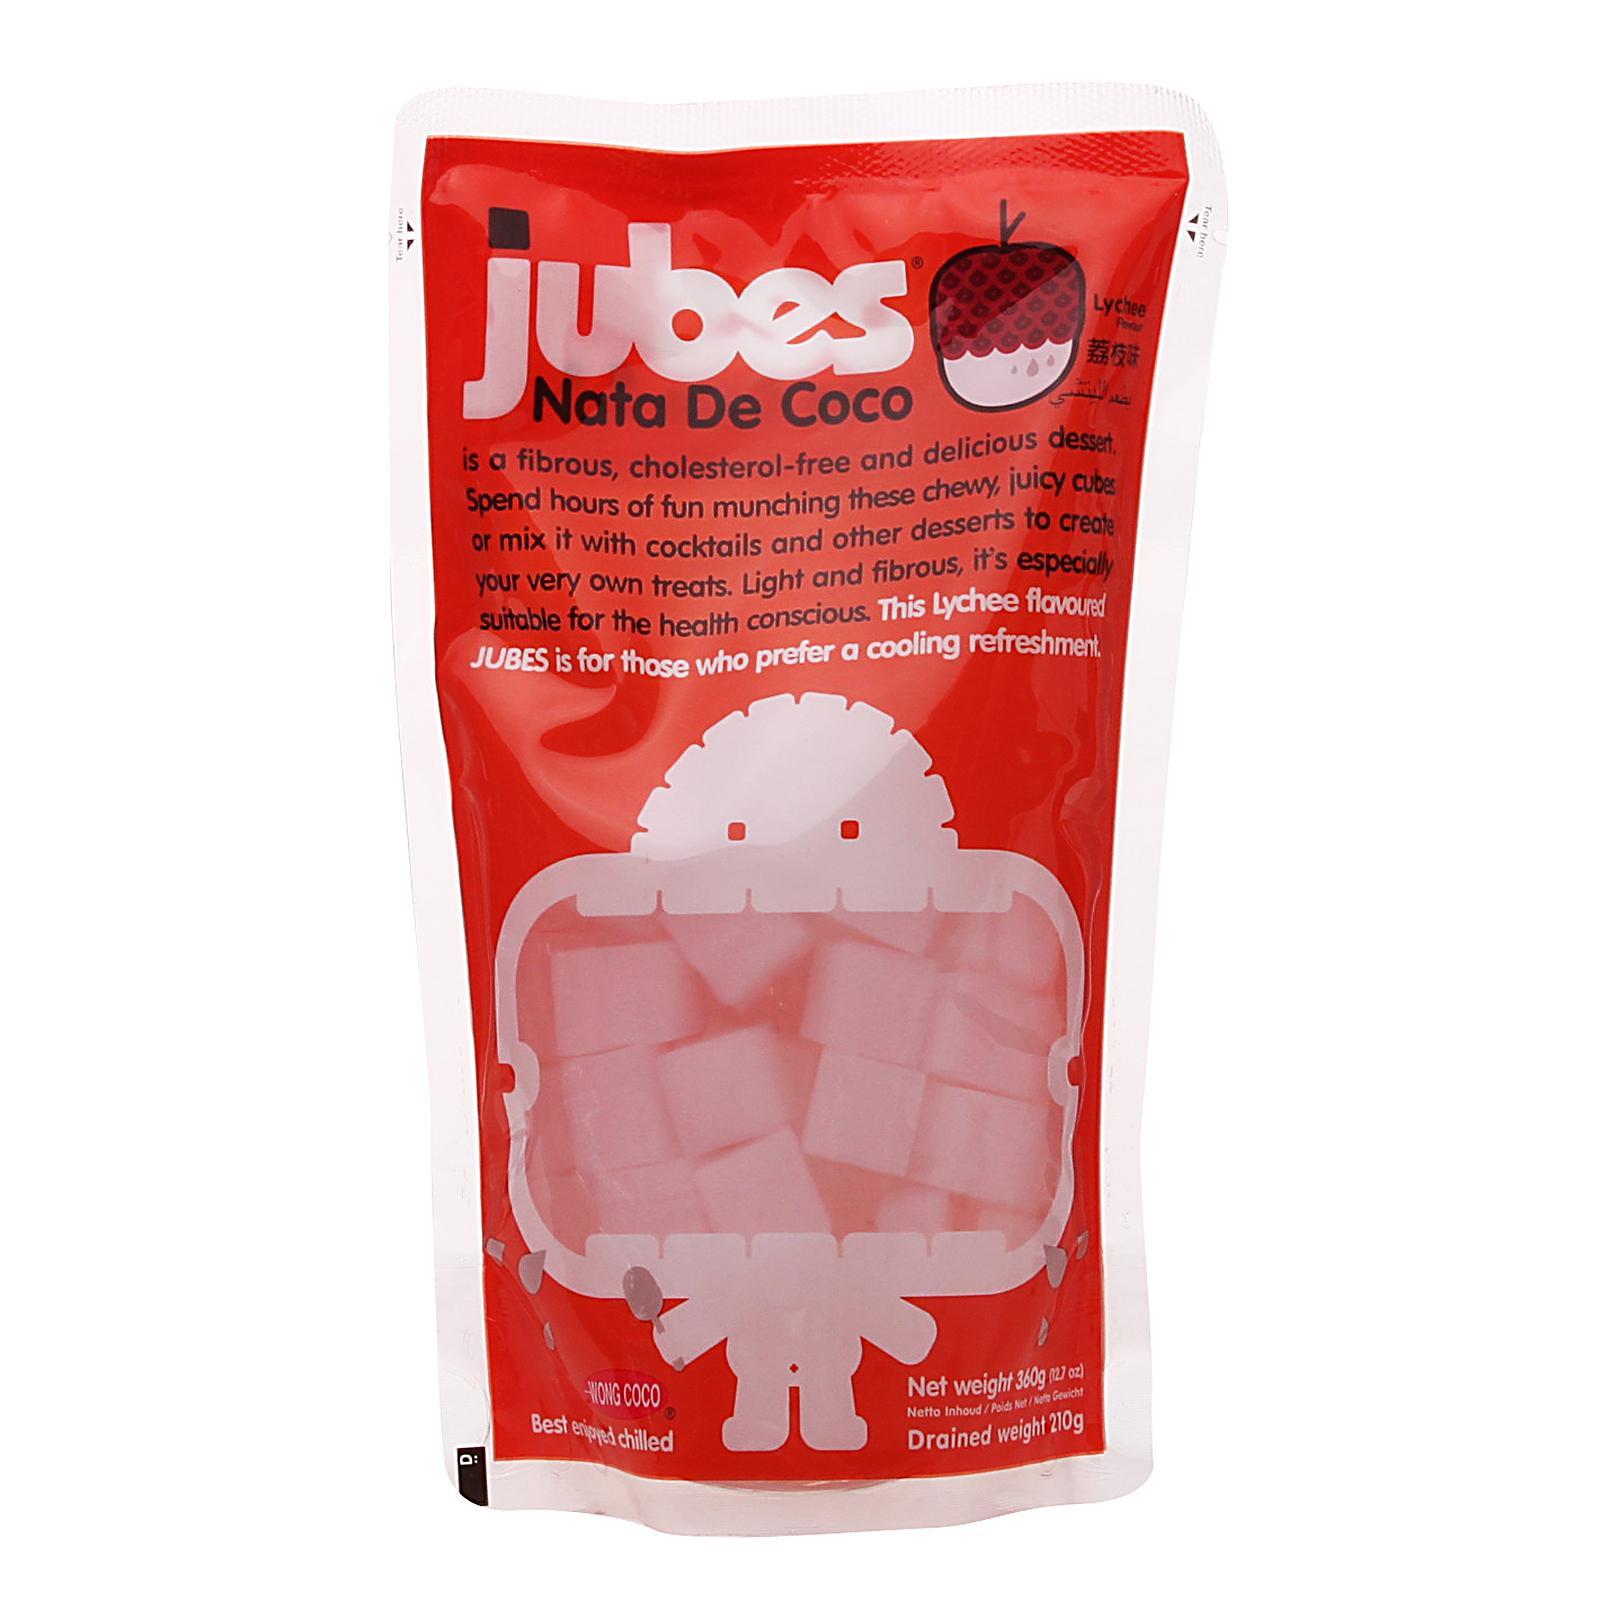 Jubes Nata de Coco Lychee Flavour Cubes